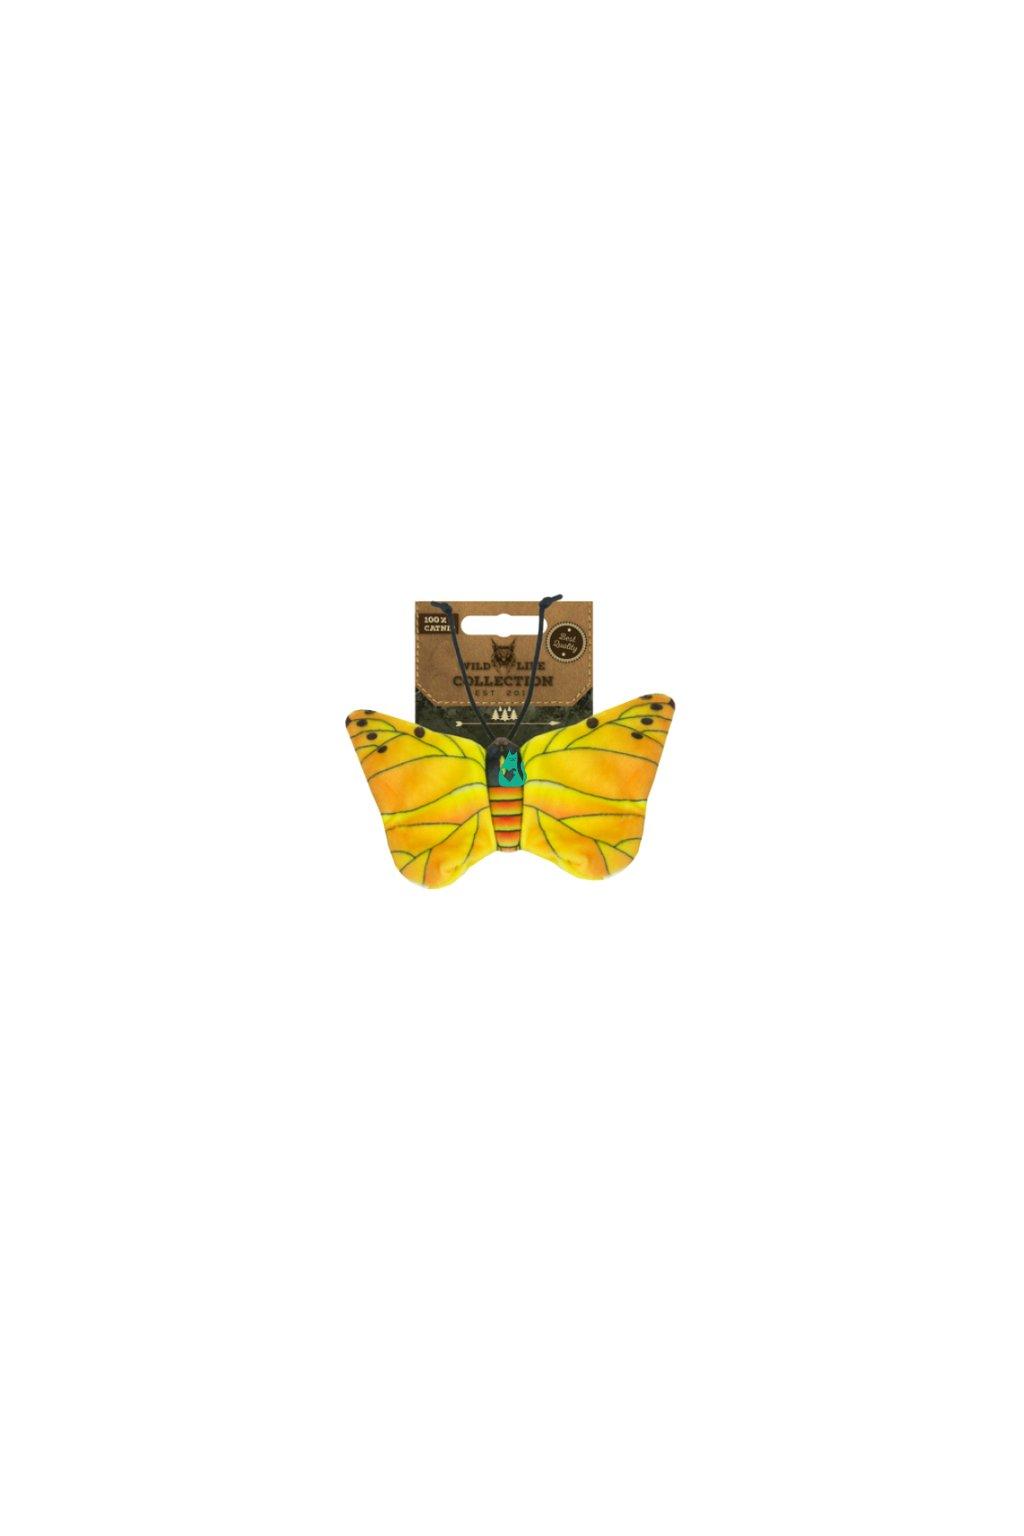 zluty motyl catnip hracka pro kocky